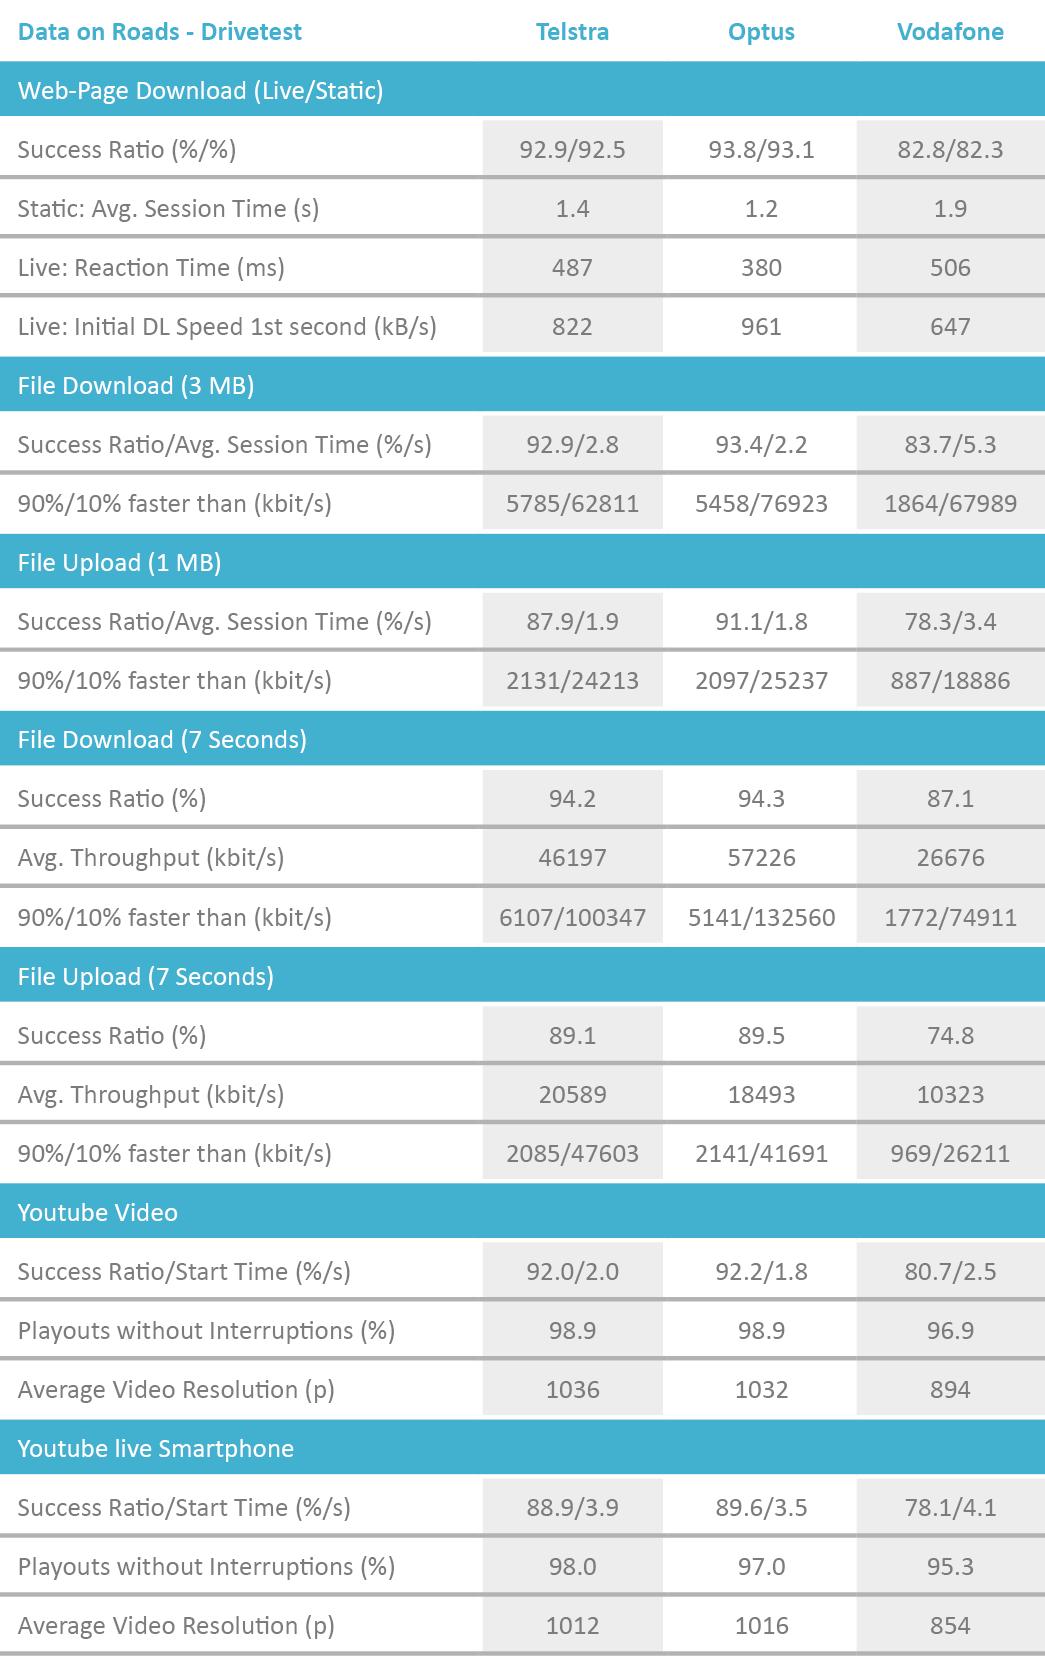 AUS_Tabelle_DataRoads_Drivetest_2018_englisch.png